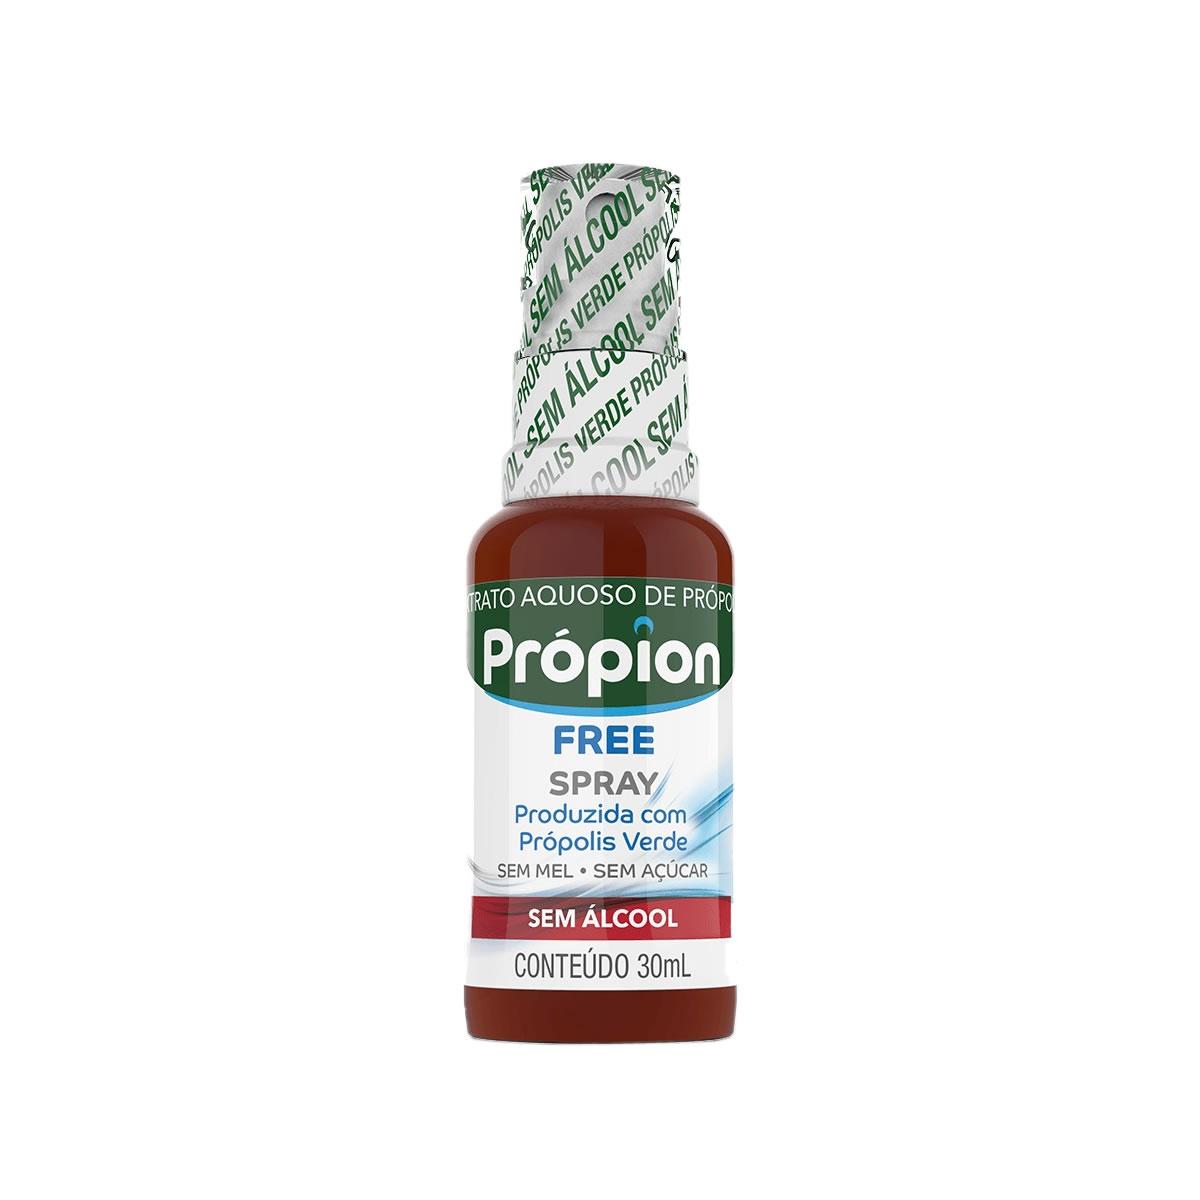 Extrato de Própolis Verde Aquoso Spray Sem açúcar 30ml - Baldoni